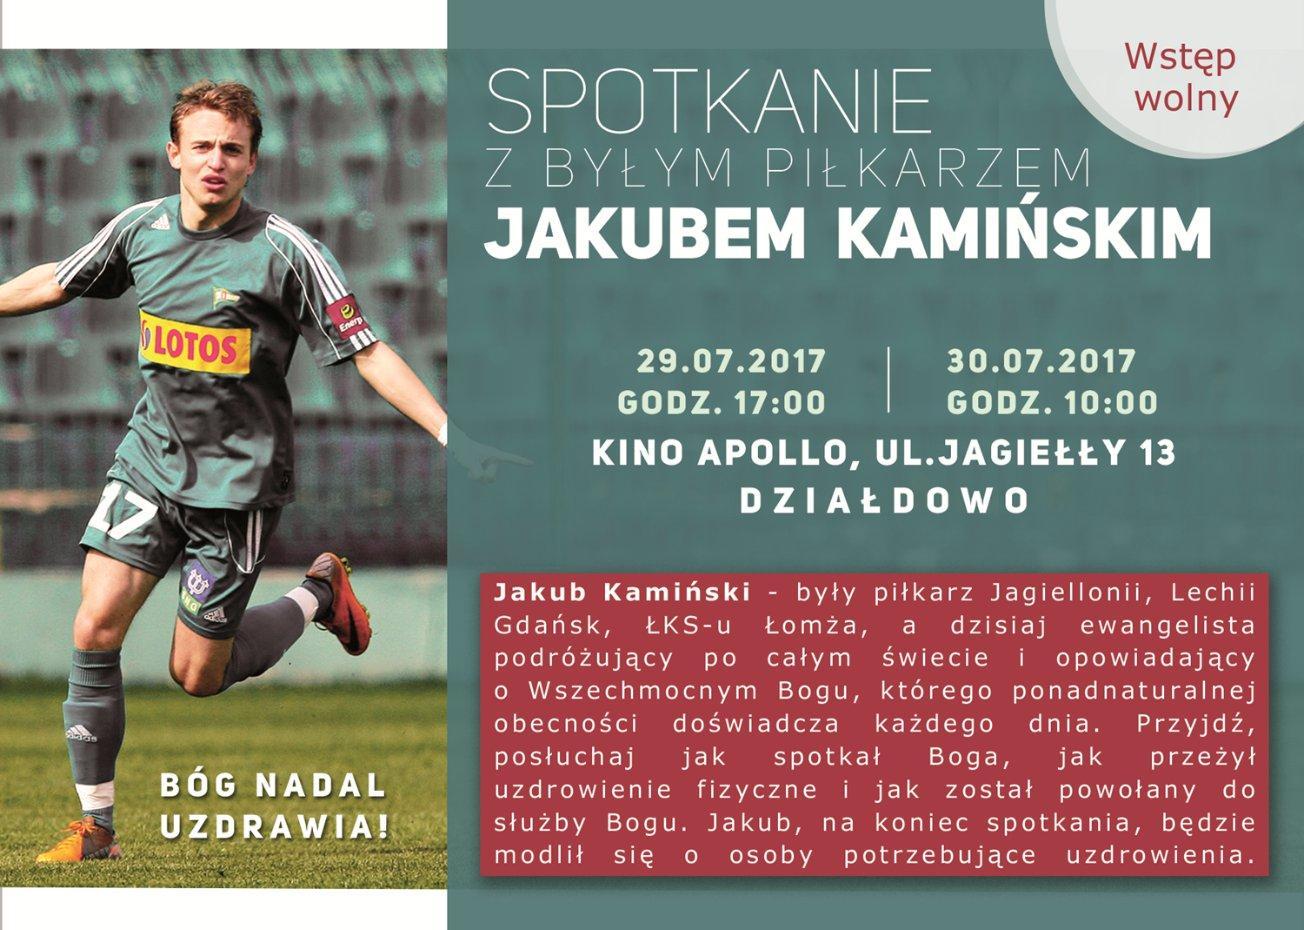 Od piłkarza do ewangelisty – spotkanie z Jakubem Kamińskim